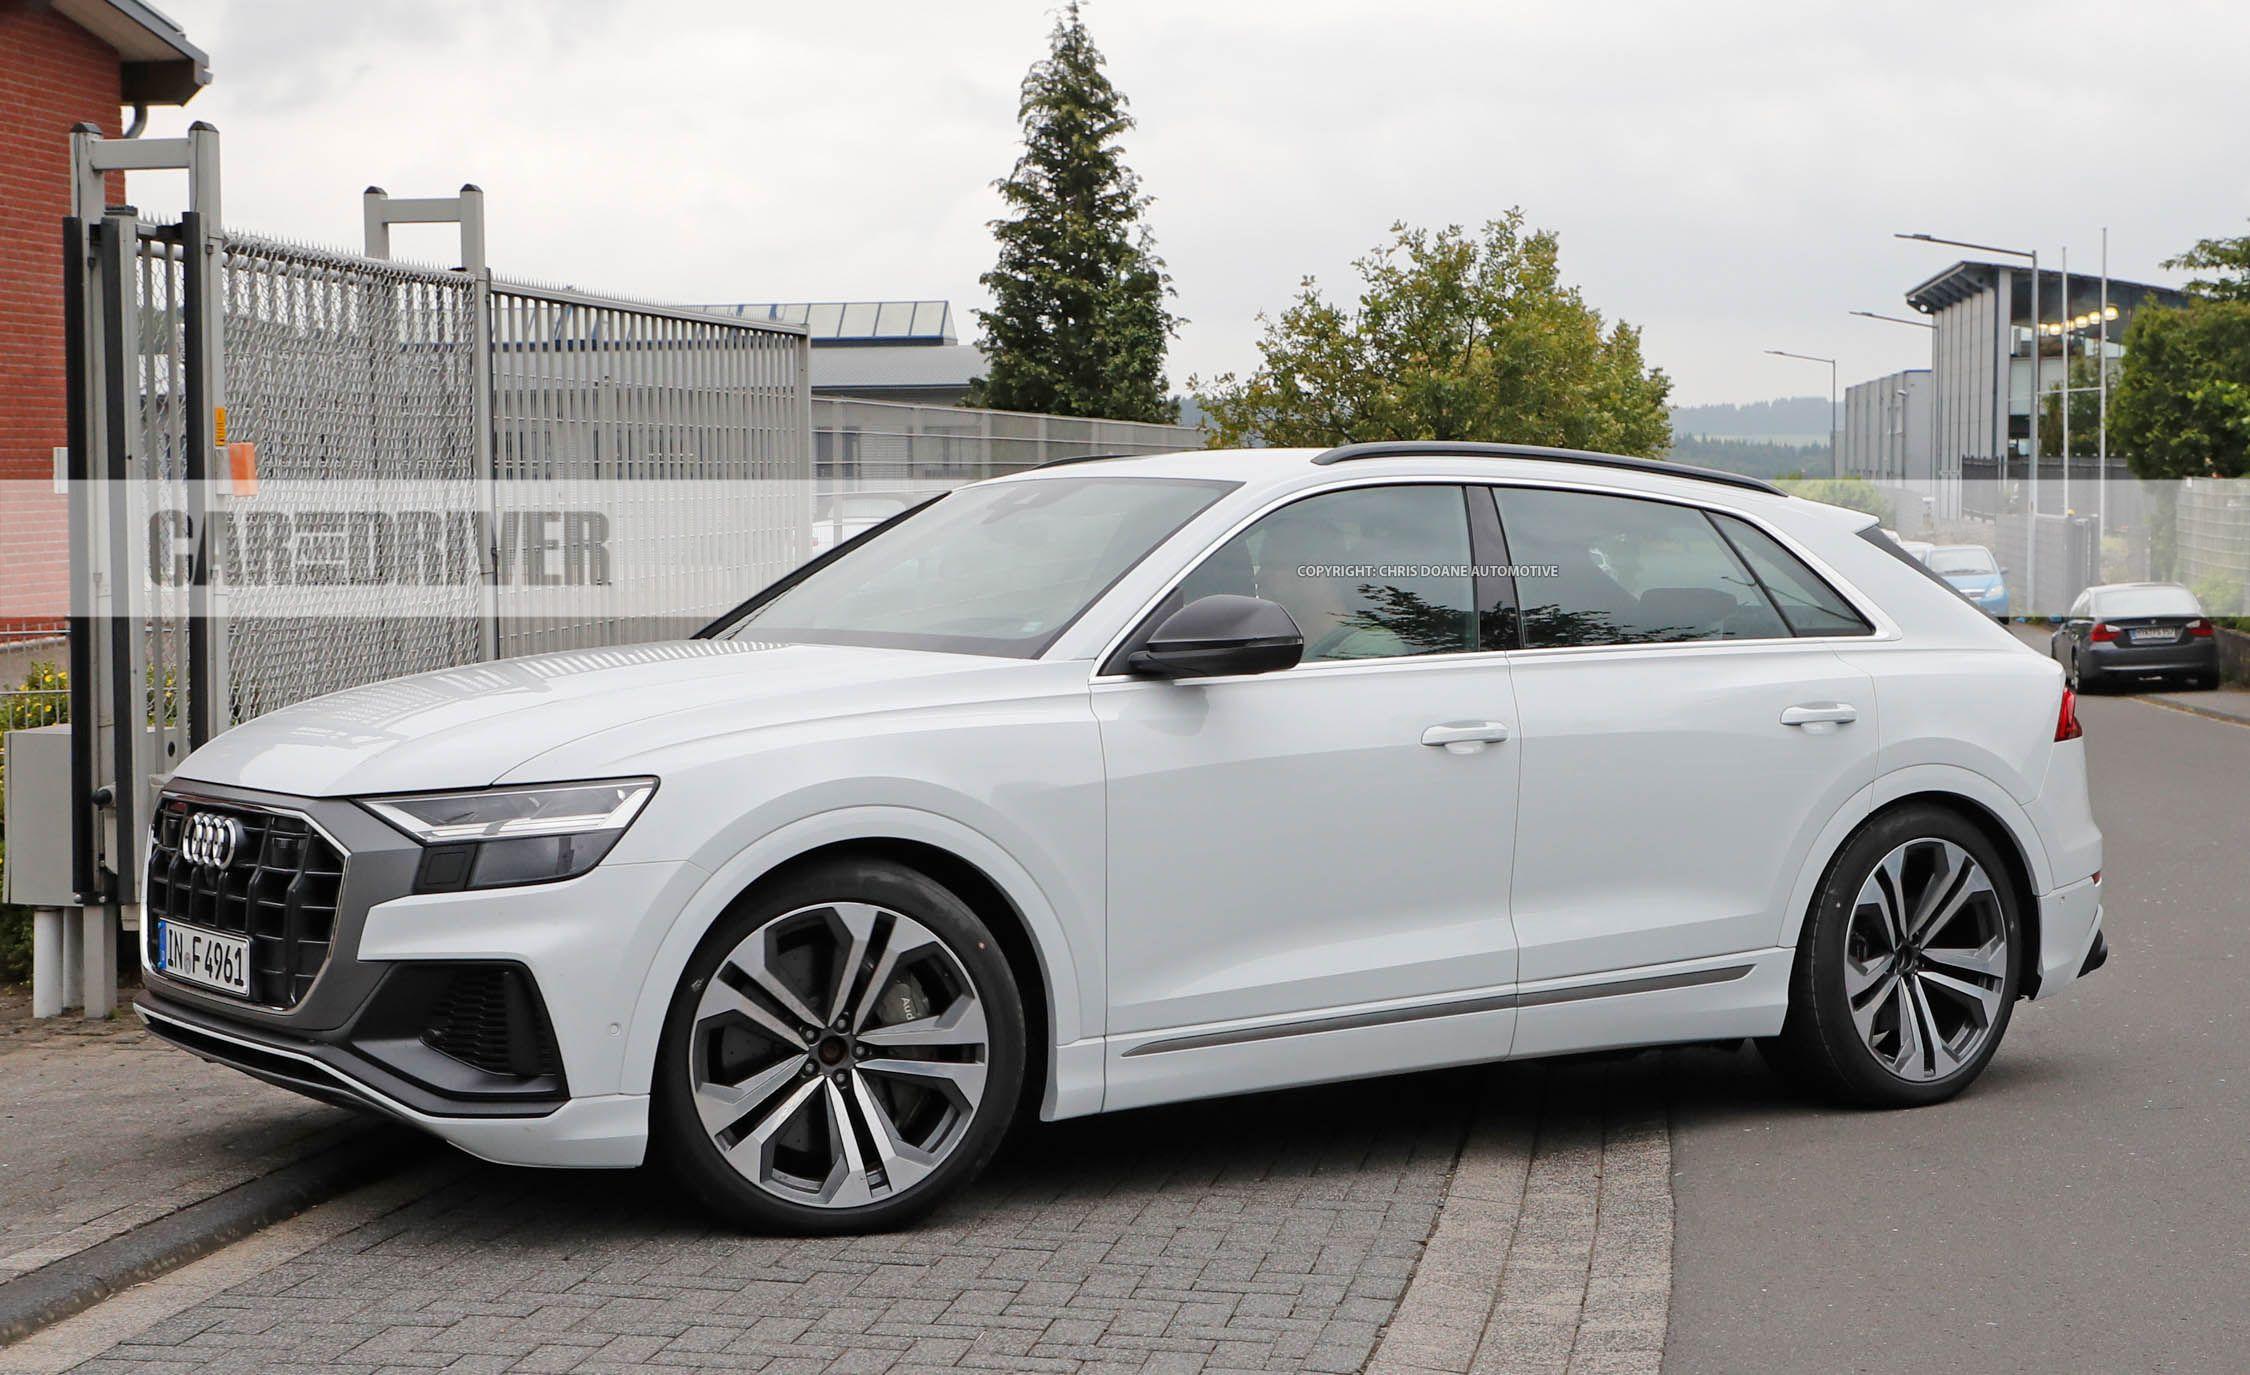 Kekurangan Audi Sq8 2019 Tangguh